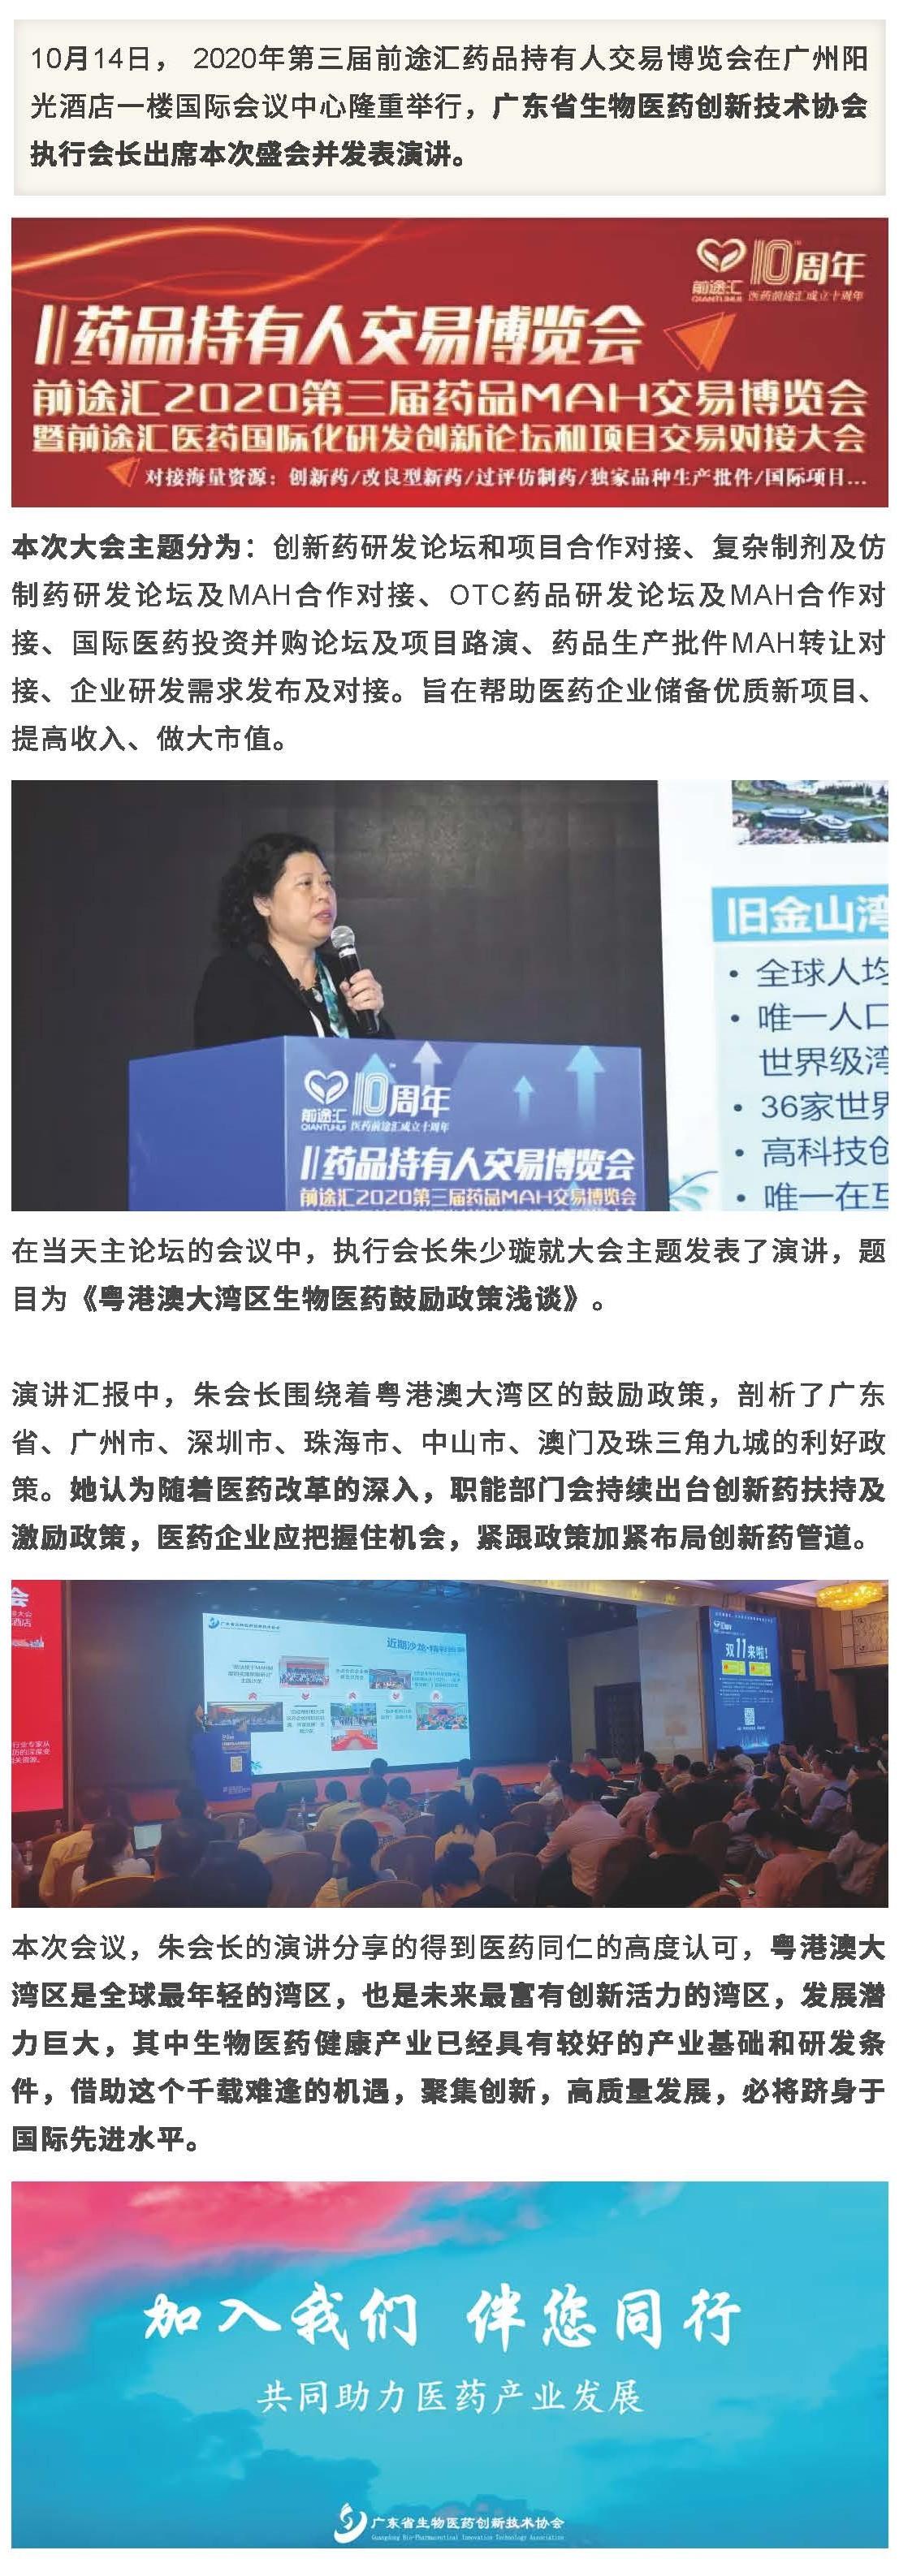 广东省生物医药创新技术协会执行会长出席第三届前途汇药品持有人交易博览会